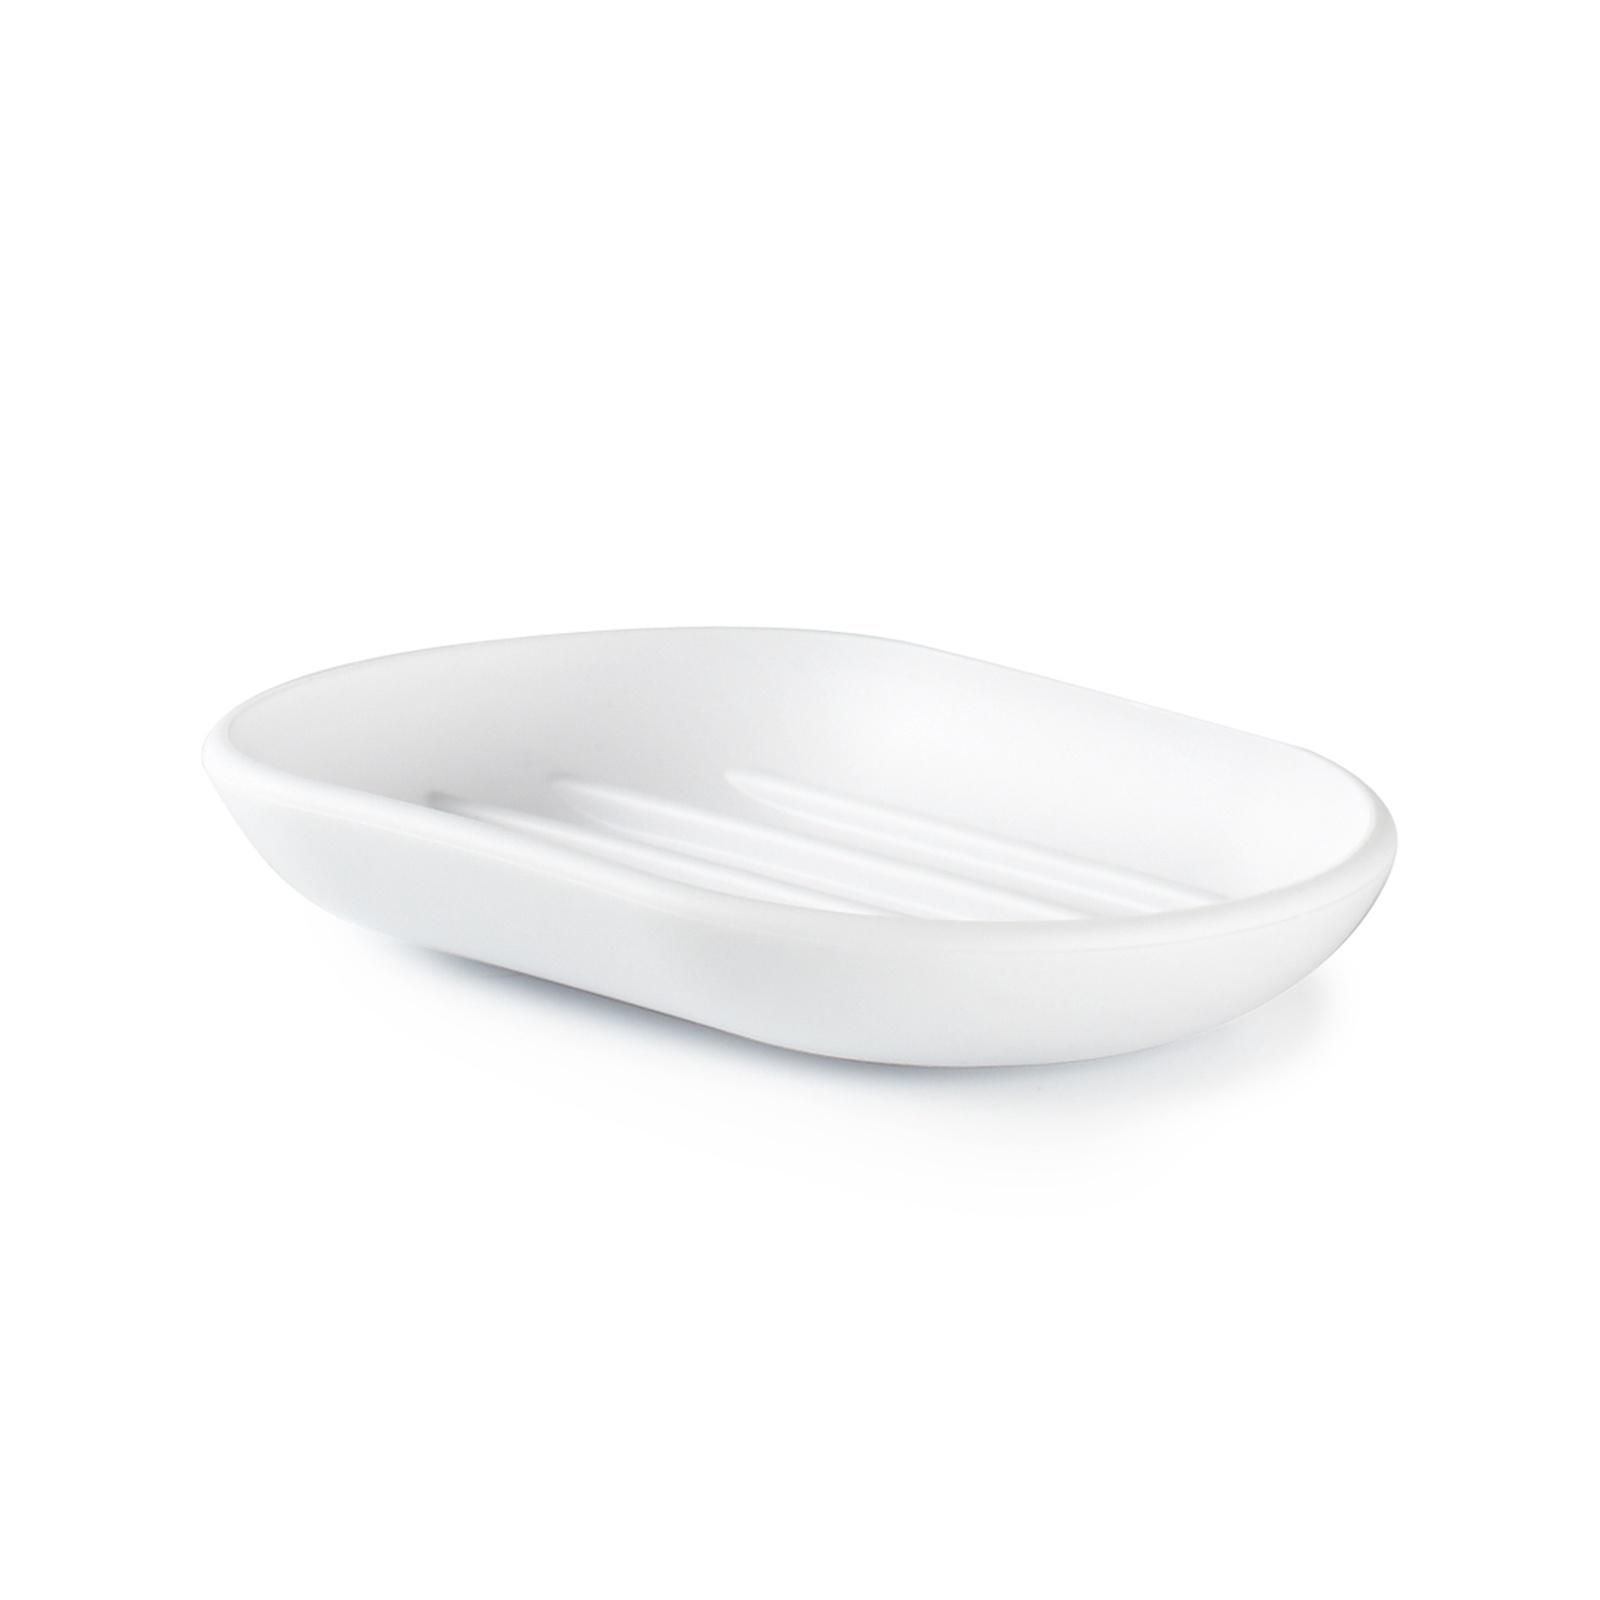 Мыльница Umbra Touch, цвет: белый, 2 х 7 х 9 см мыльница fresh code море ракушка на присоске цвет серебристый 14 х 9 5 х 2 см